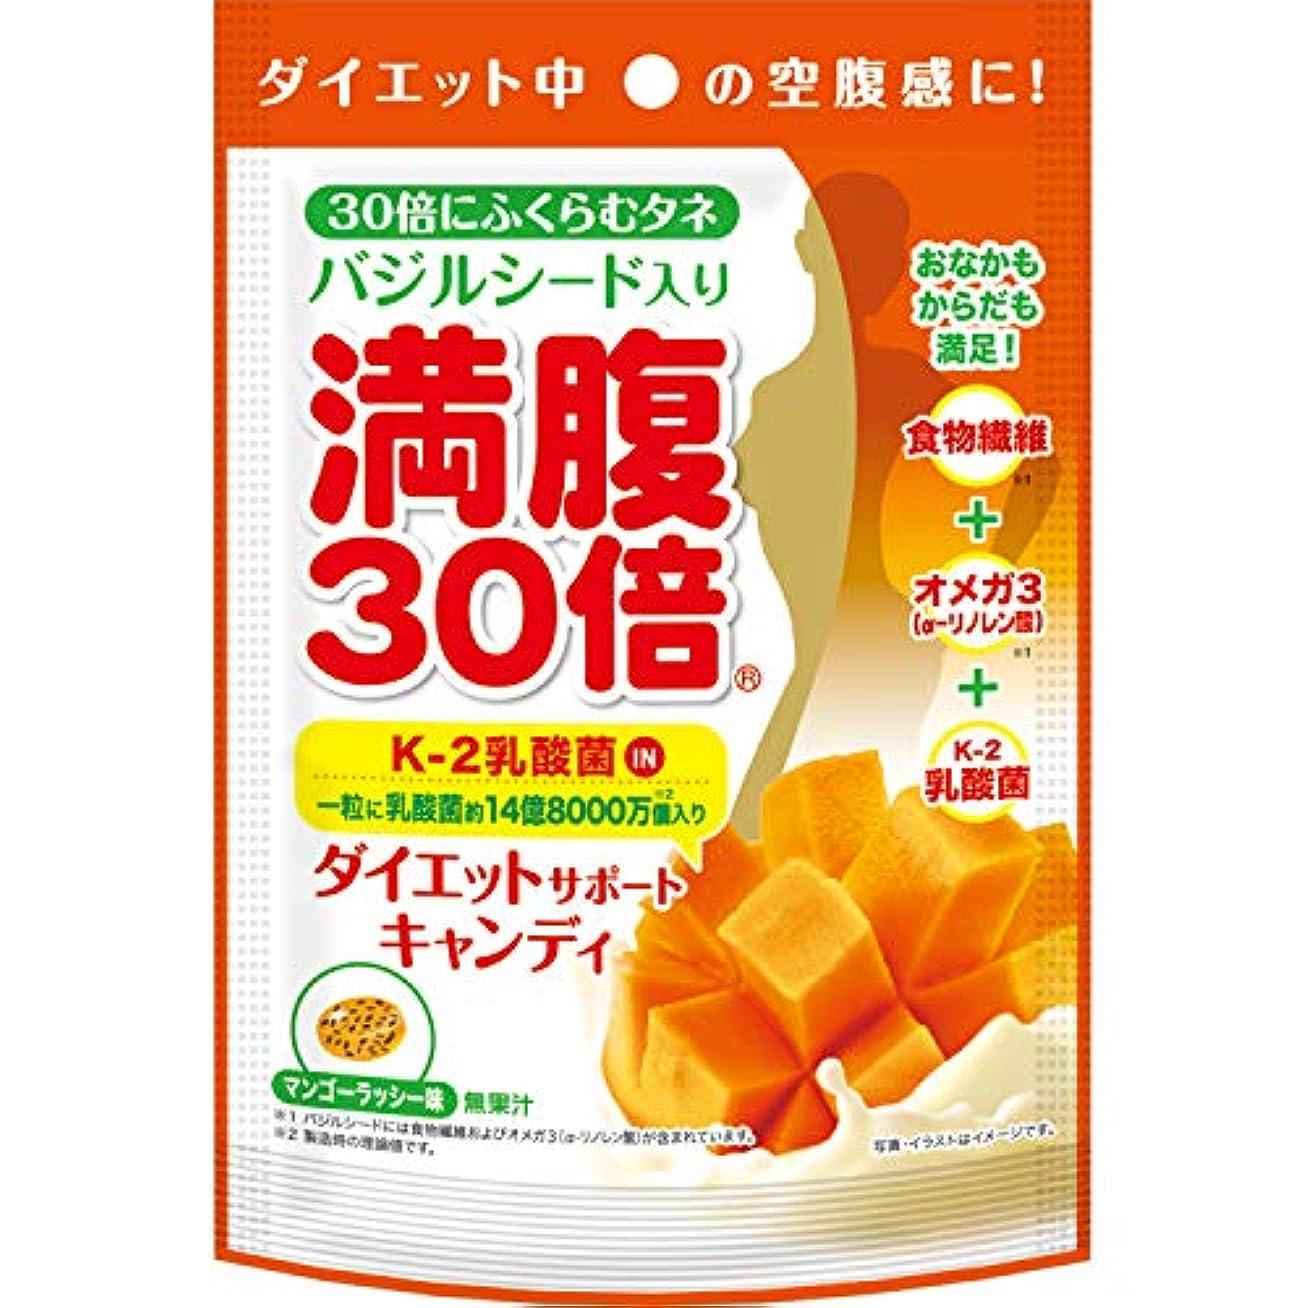 ファーザーファージュ毛細血管内訳満腹30倍 ダイエットサポートキャンディ マンゴーラッシー 42g